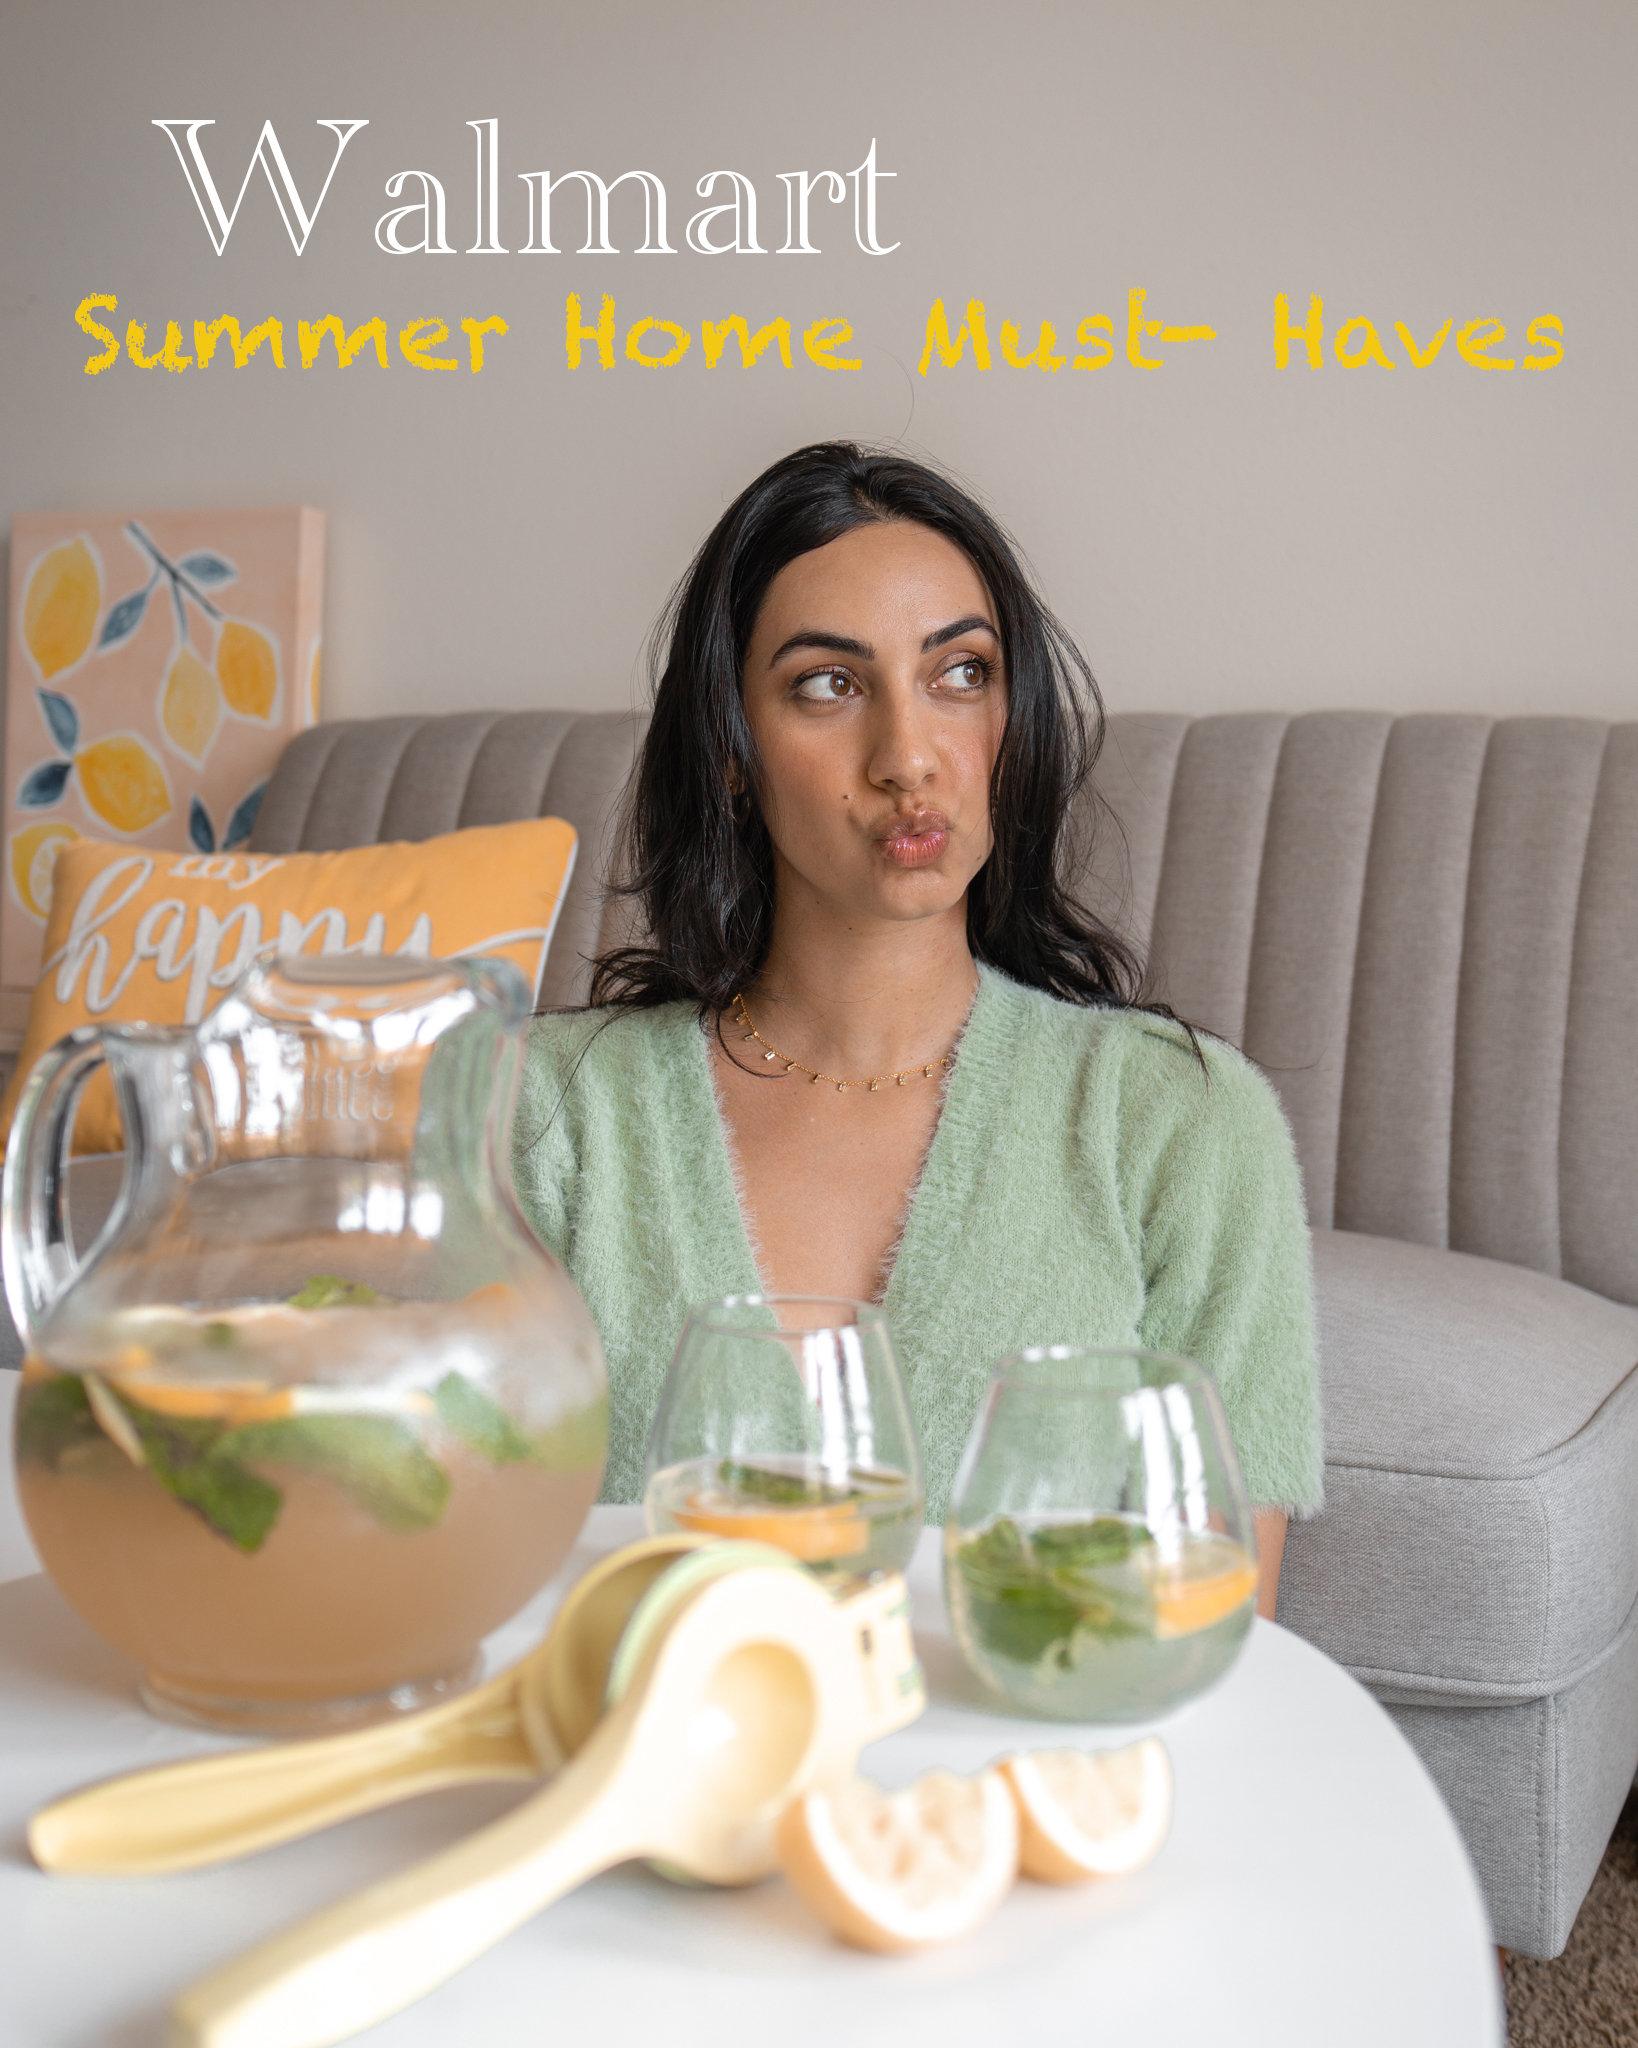 Walmart – Summer Home Decor